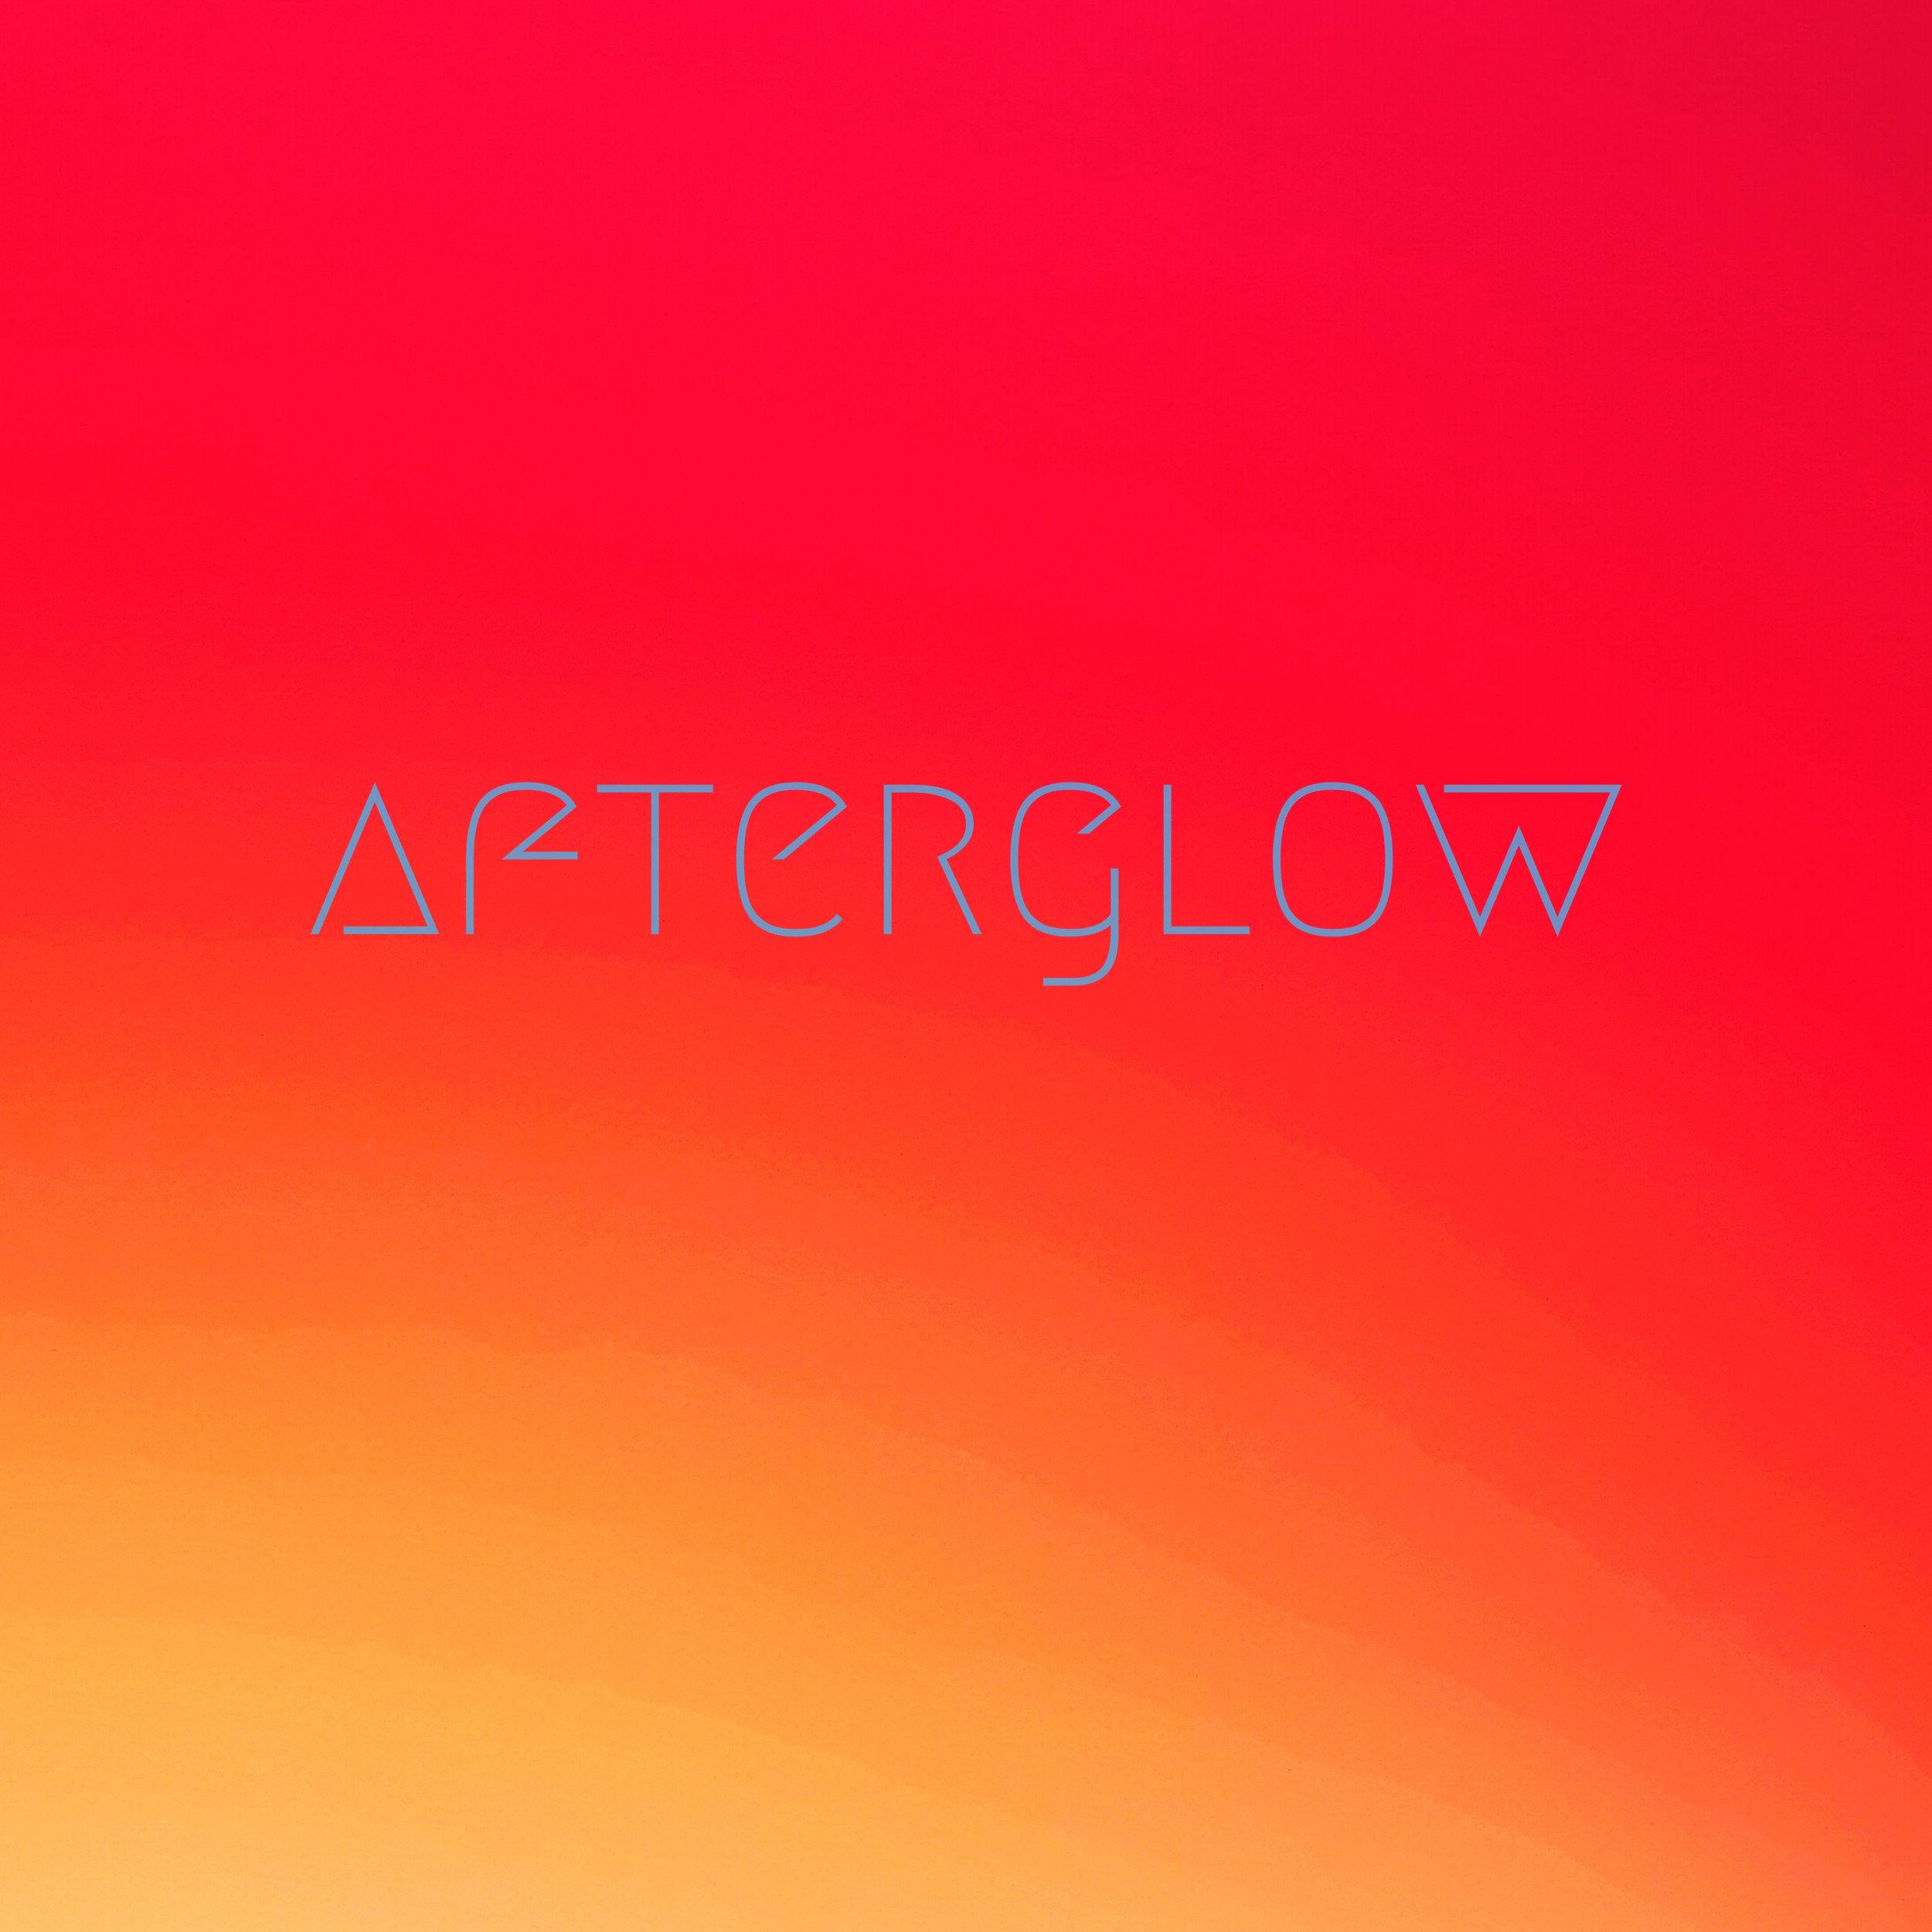 Sun Brother - Single: AfterglowRelease date: June 28, 2019